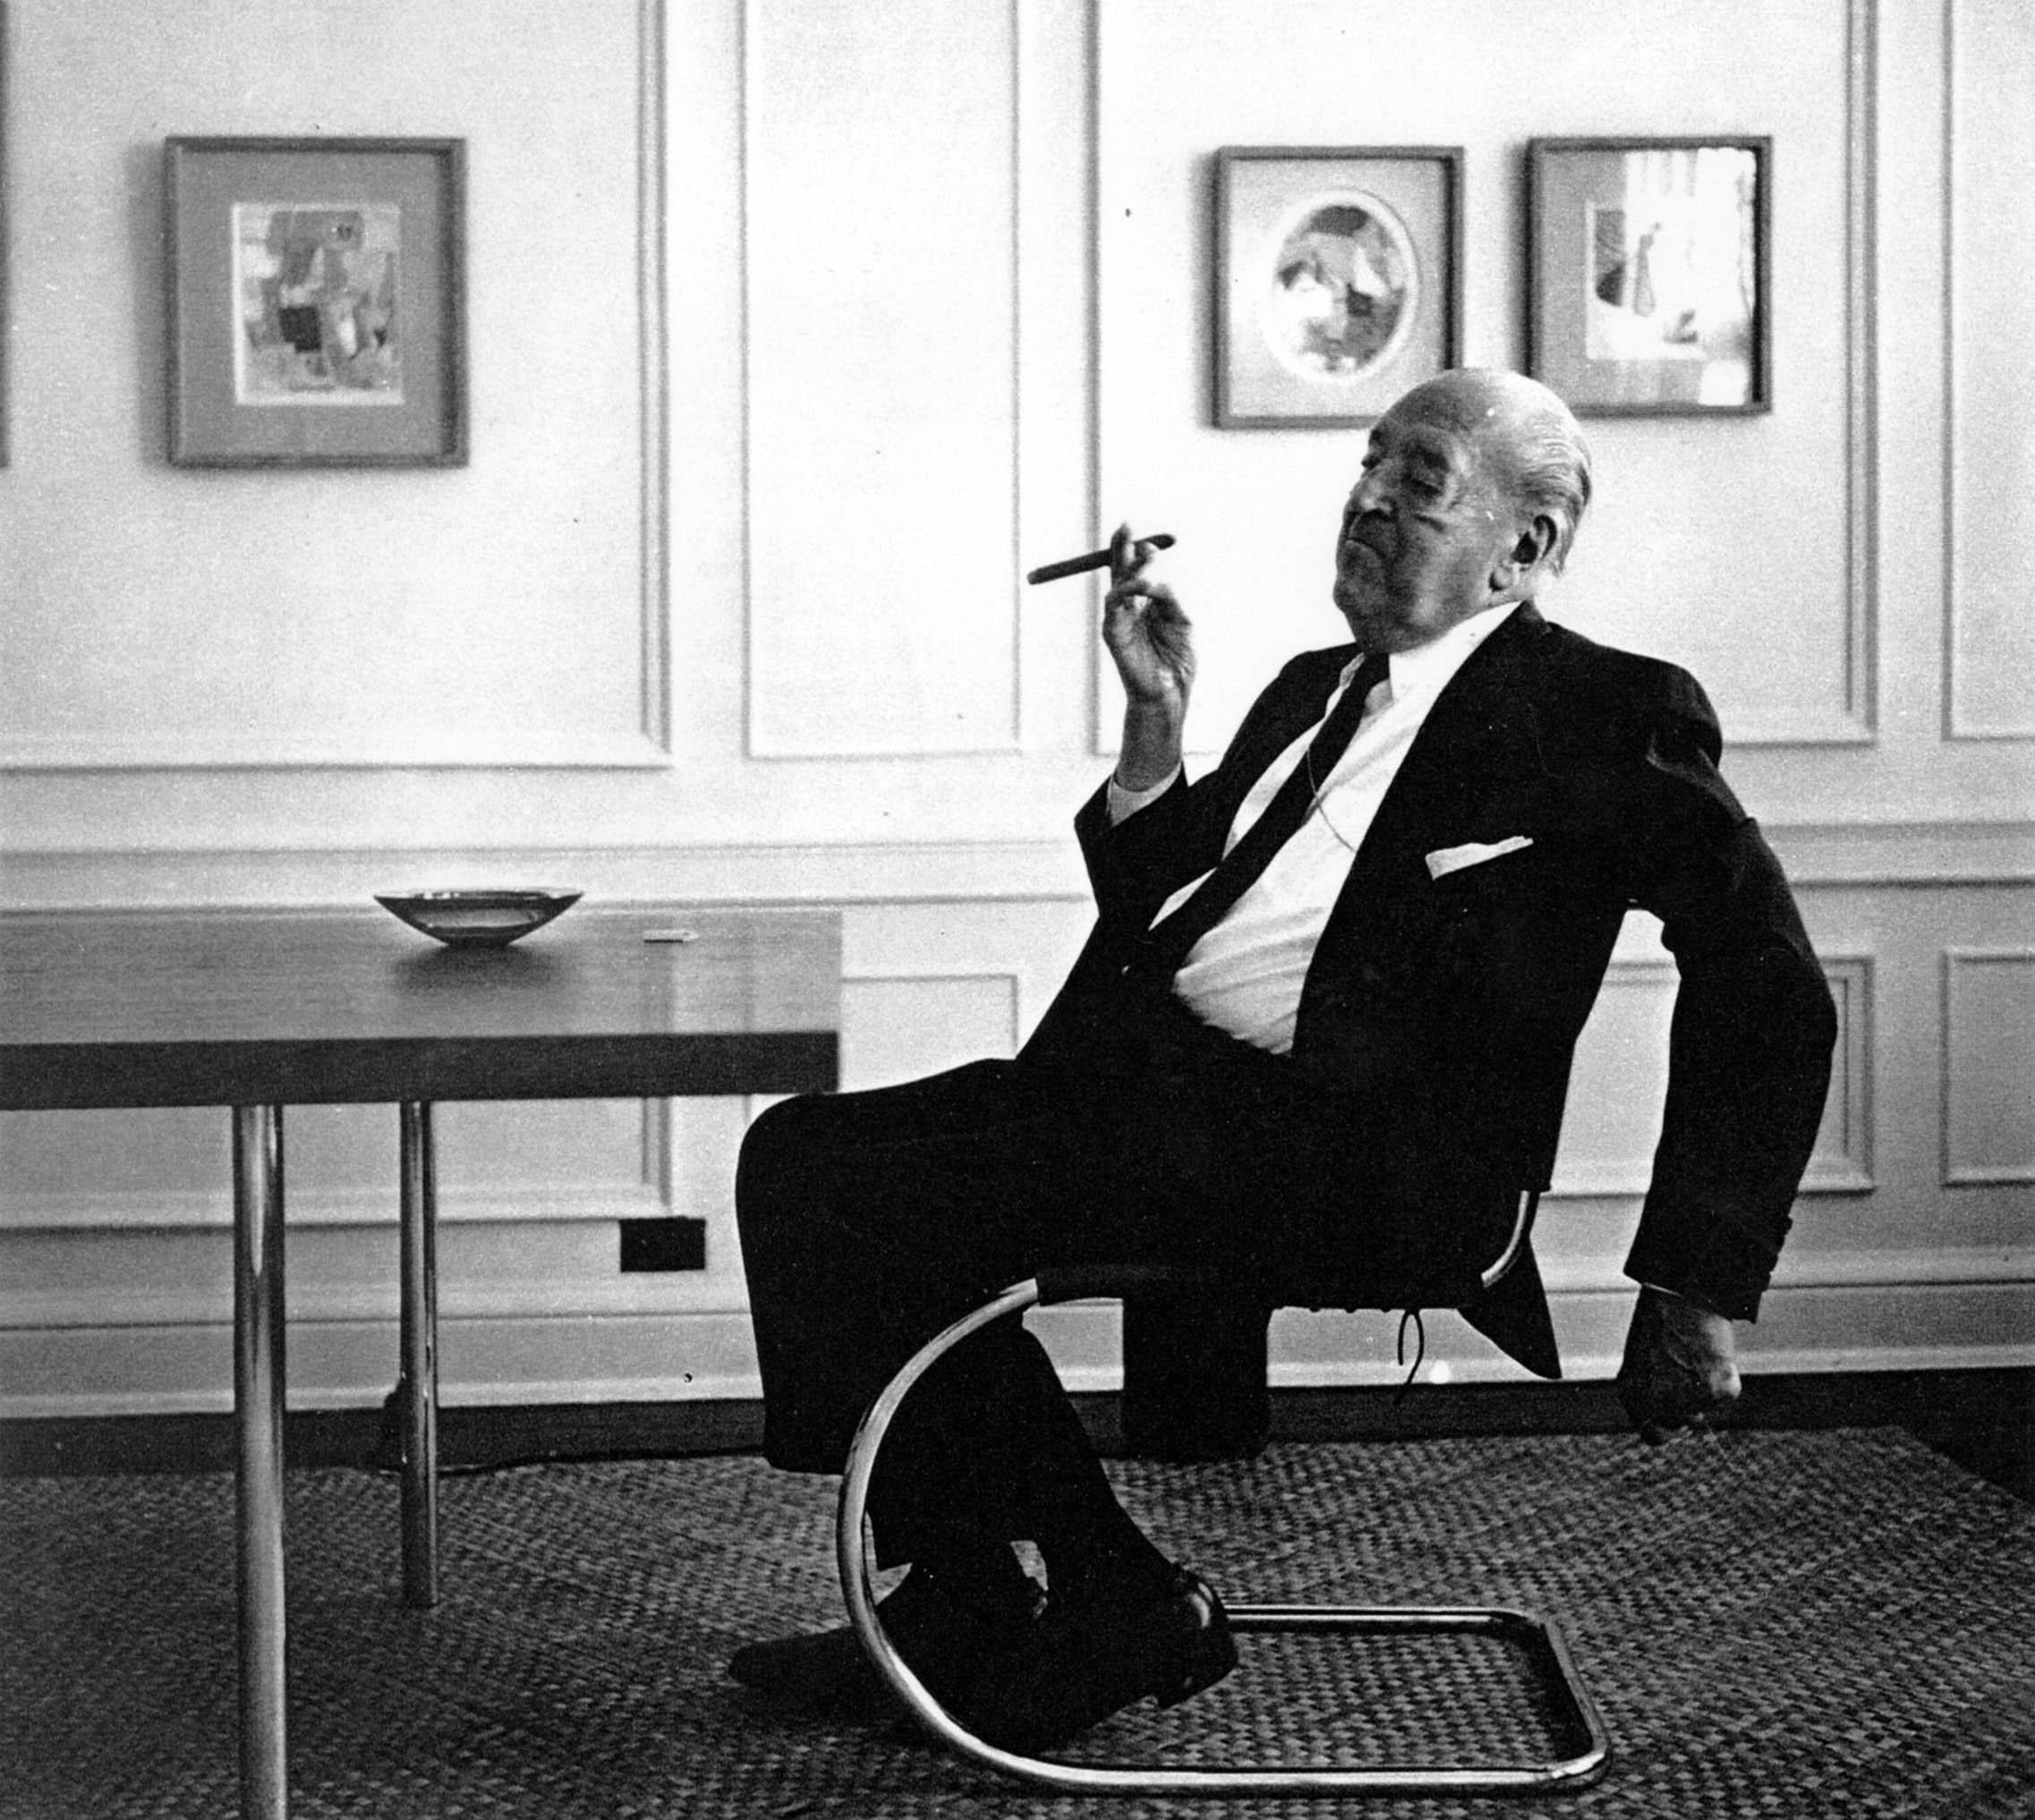 Mies Van der Rohe sentado en otra de sus creaciones, también en colaboración con Lilly Reich, otra pieza icónica del siglo XX, la Knoll MR20 (1927)